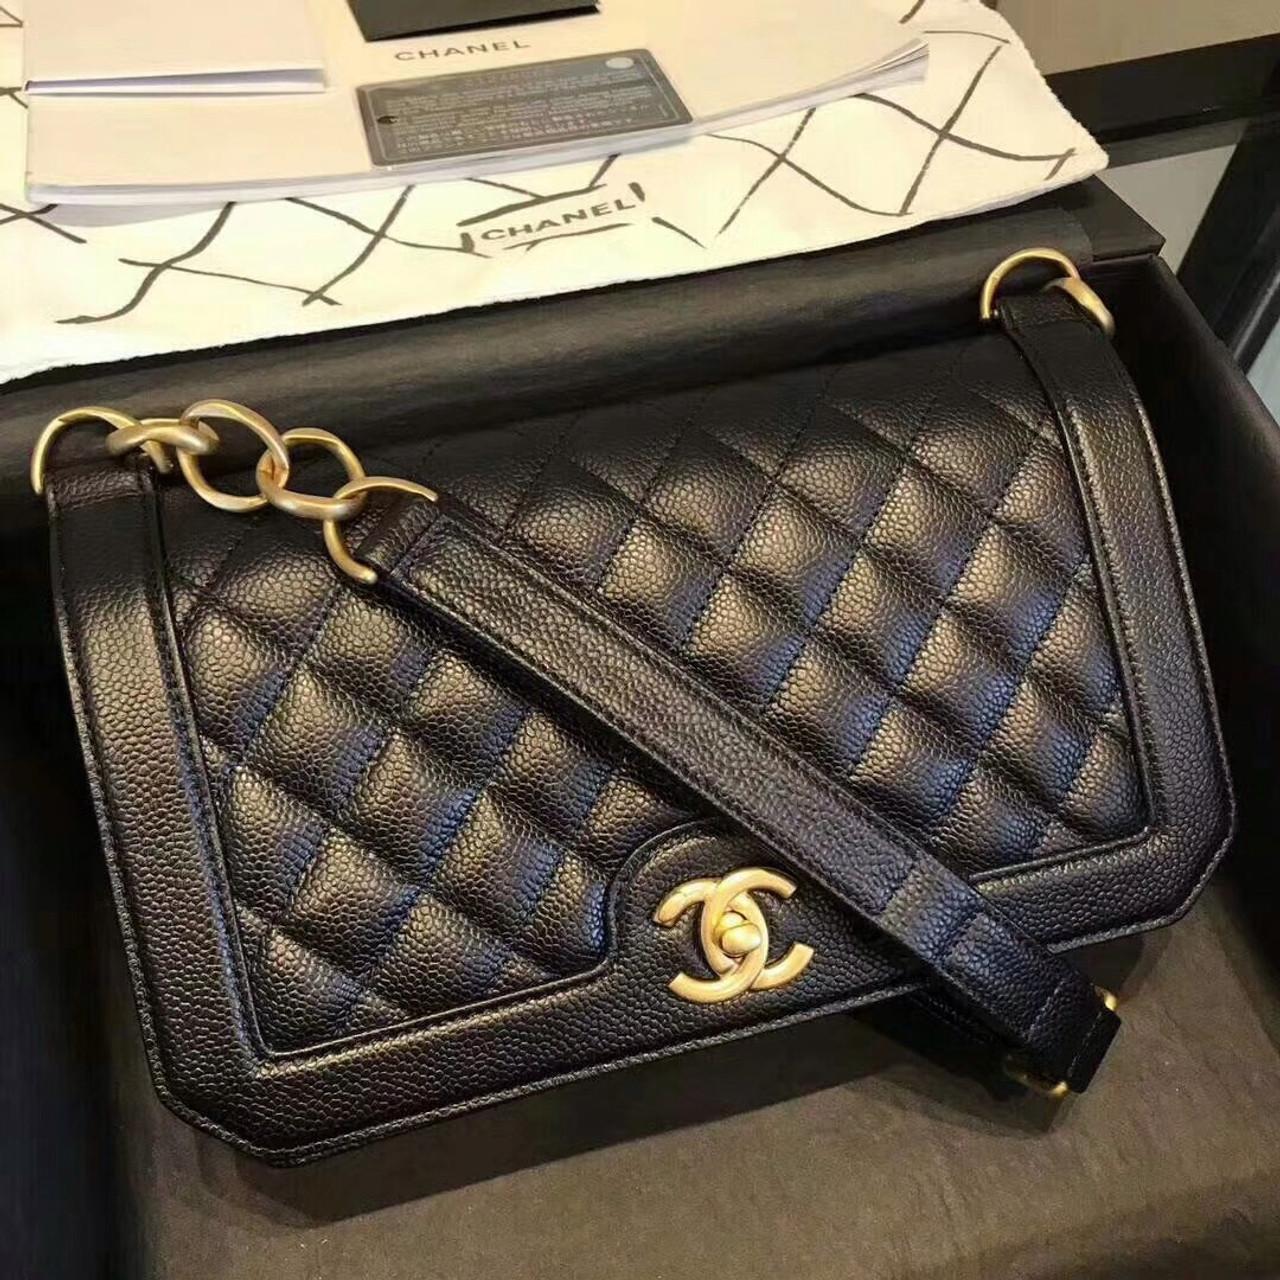 7444e3e2dede Chanel Flap Bag Black A91576 - Bella Vita Moda